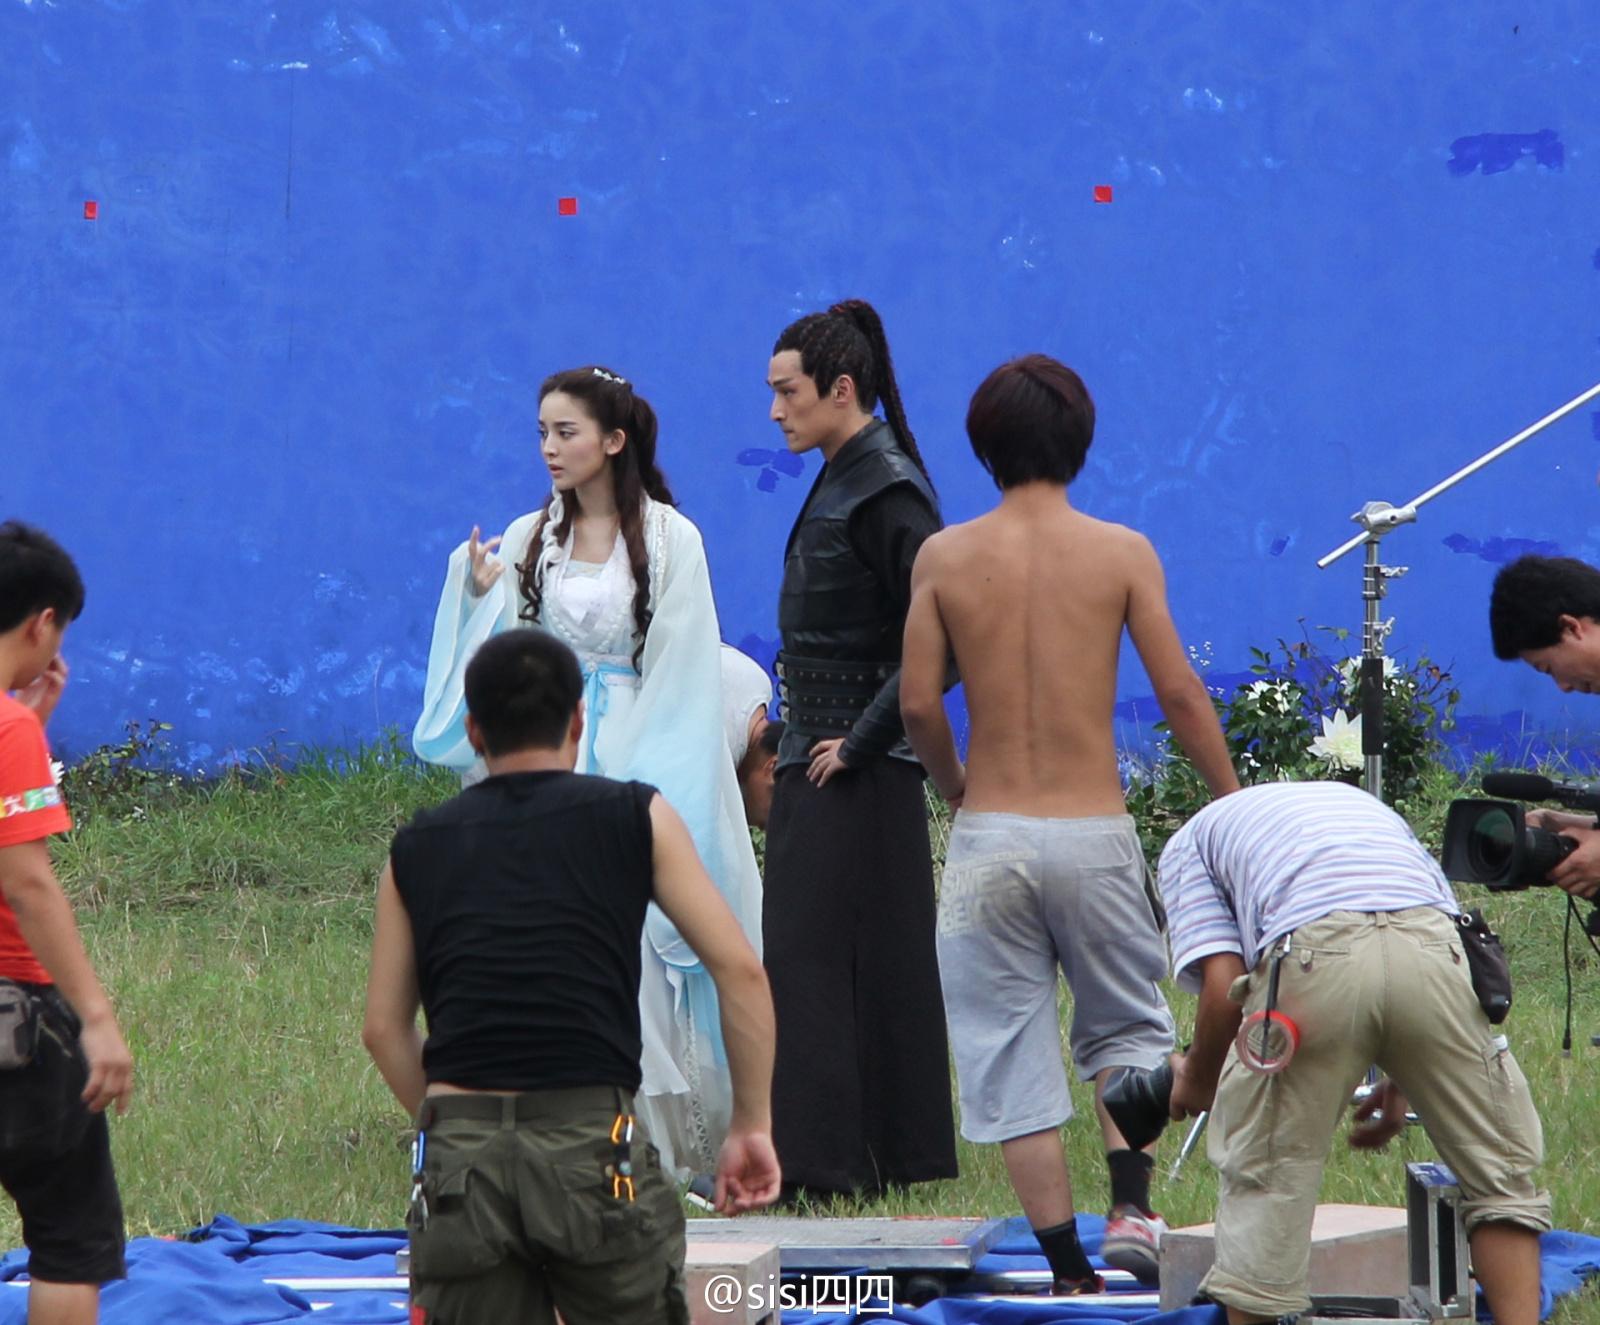 [Thông Tin Phim] Hiên Viên Kiếm - Thiên Chi Ngân - Hồ Ca[2012] 62746b57tw1ditpxrtwptj